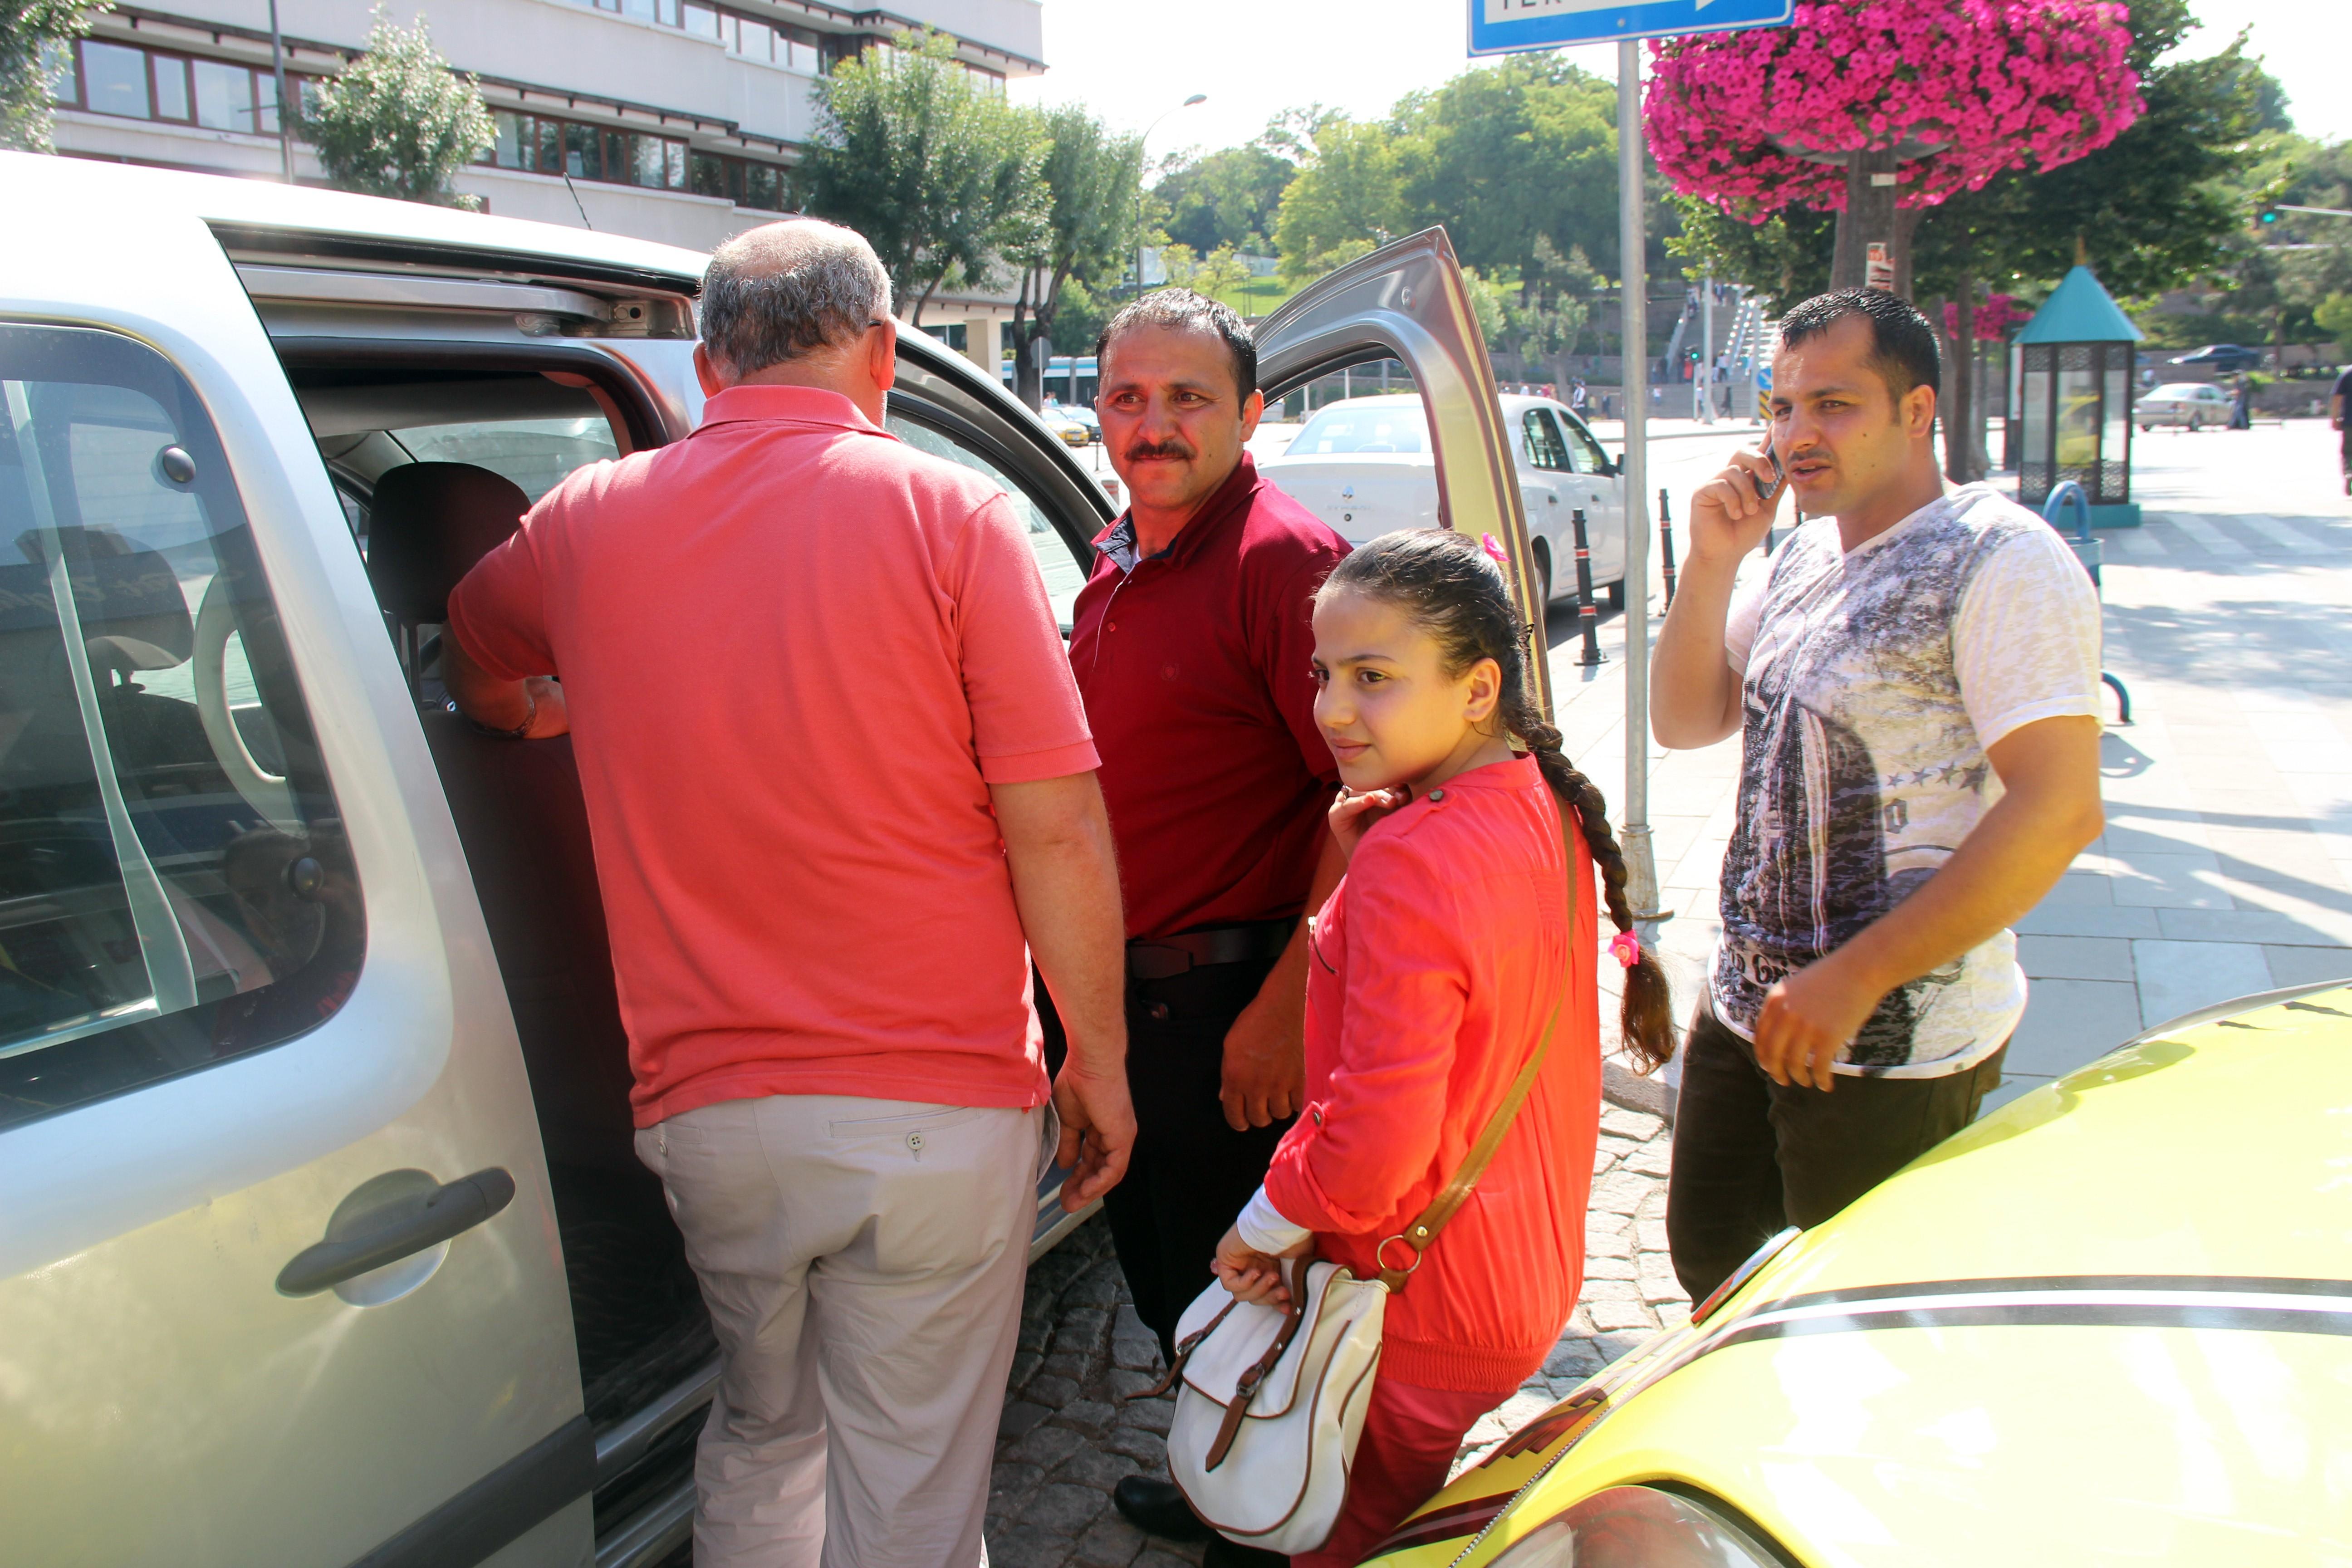 Bu sefer de Suriyeli aile küçük kızını otobüste unuttu